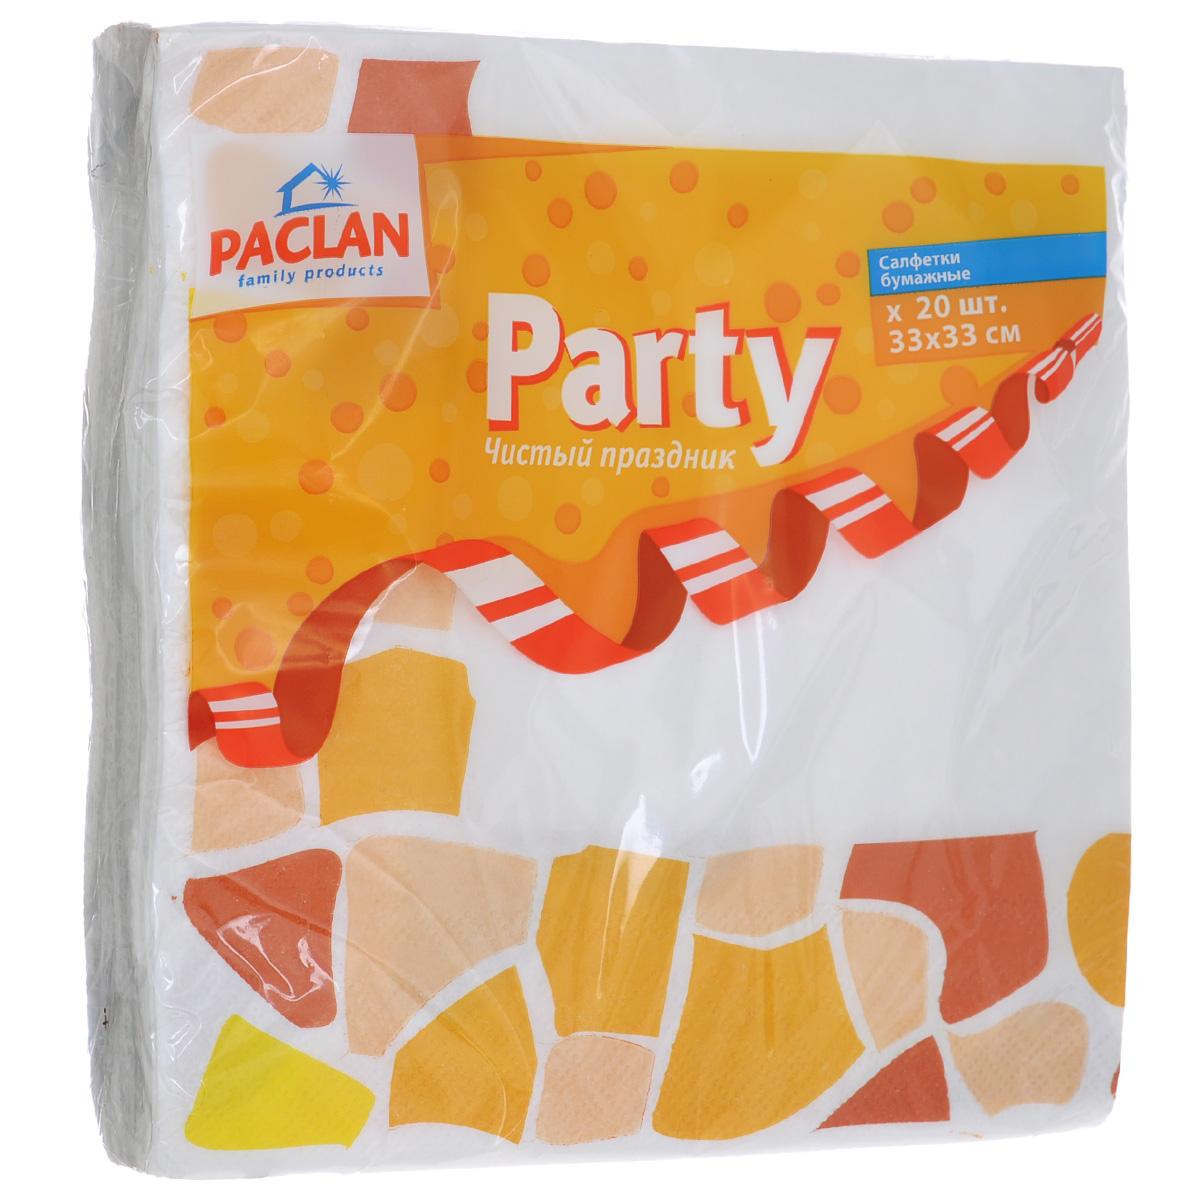 Салфетки бумажные Paclan Party, цвет: белый, желтый, трехслойные, 33 см х 33 см, 20 штRC-100BPCТрехслойные бумажные салфетки Paclan Party, выполненные из натуральной целлюлозы, станут отличным дополнением праздничного стола. Изделия декорированы красивым рисунком. Они отличаются необычной мягкостью и прочностью. Салфетки красиво оформят сервировку стола. Размер салфеток: 33 см х 33 см. Количество слоев: 3 слоя. Количество салфеток: 20 шт.